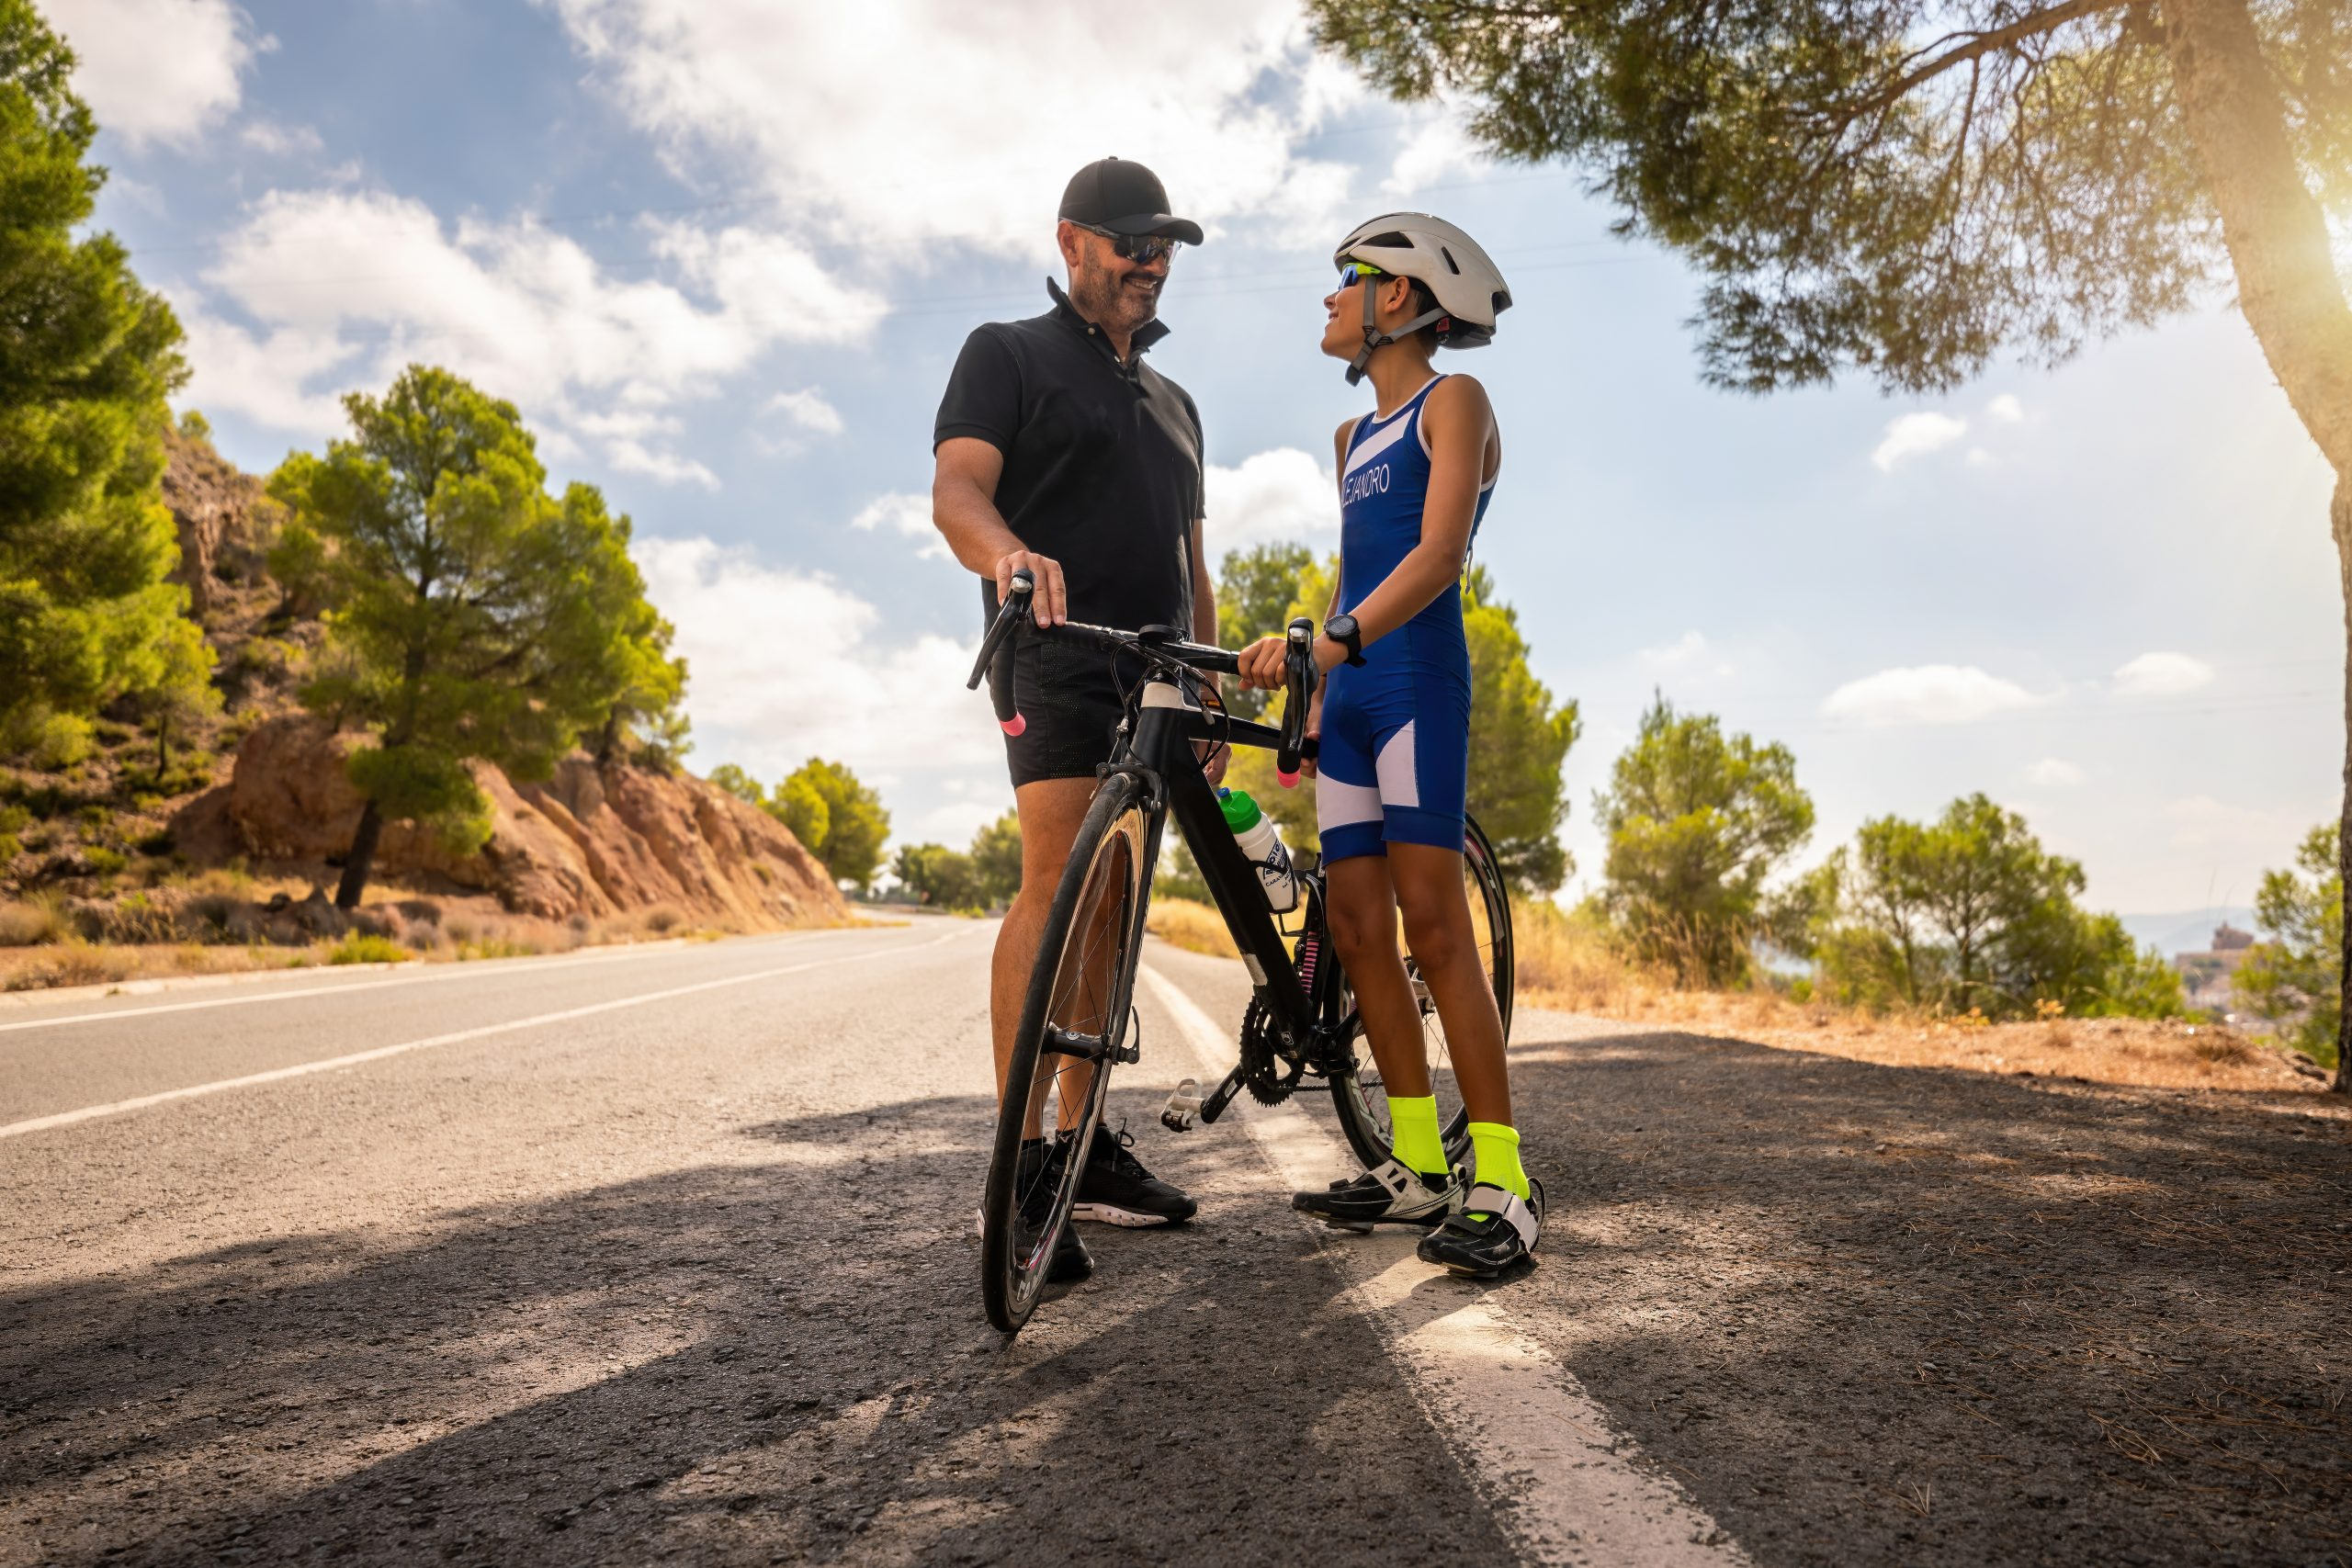 VTT: pourquoi apprendre à rouler à vélo avec un moniteur.